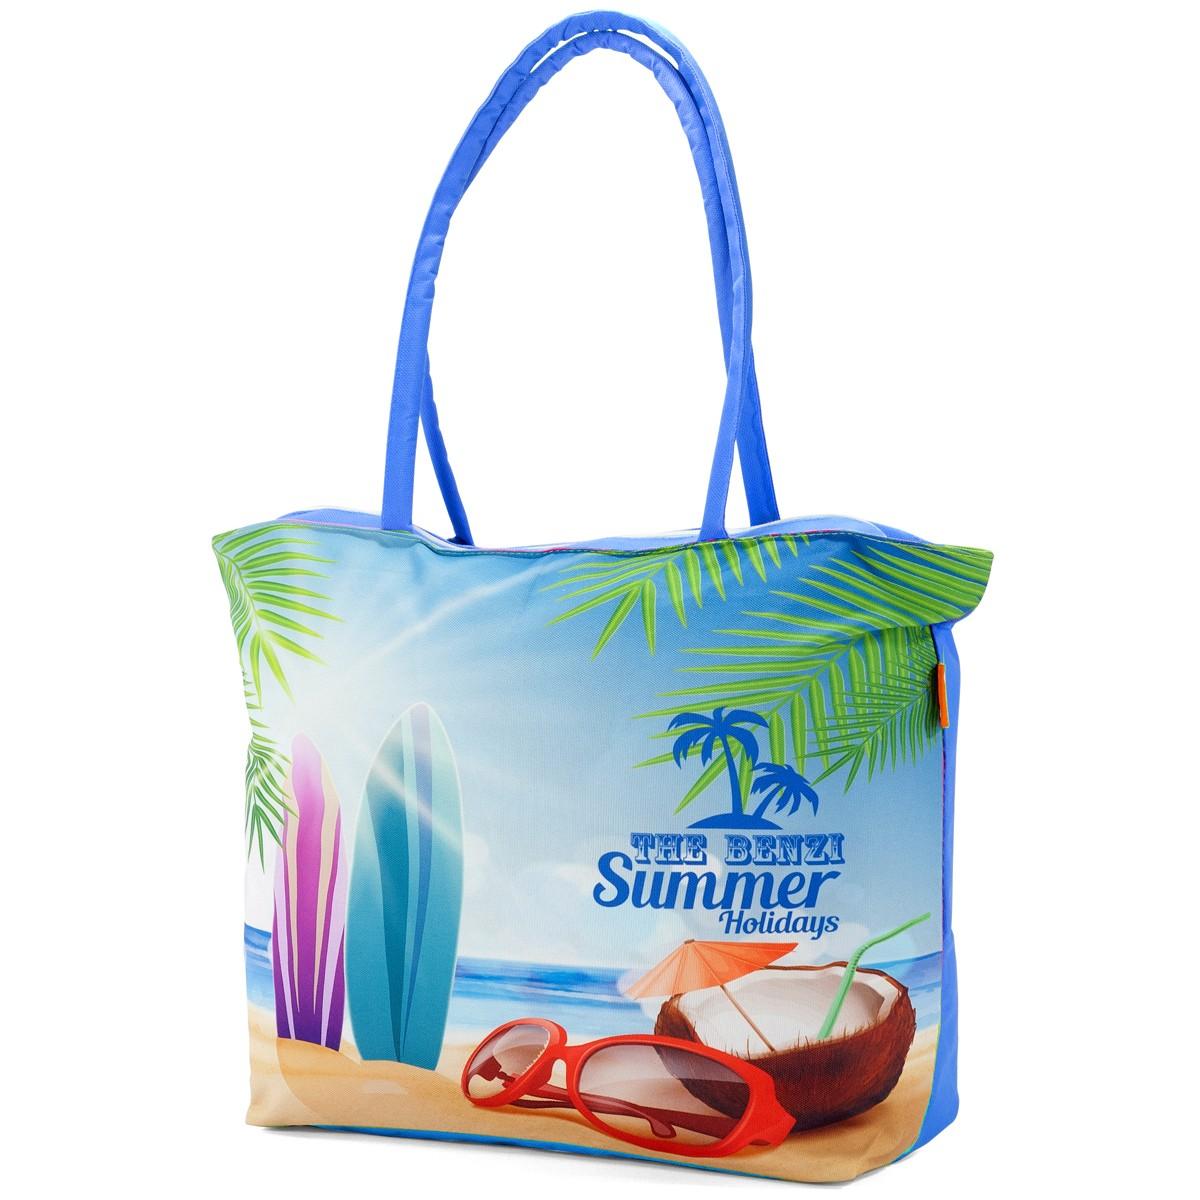 Τσάντα Παραλίας Benzi 5000 Blue